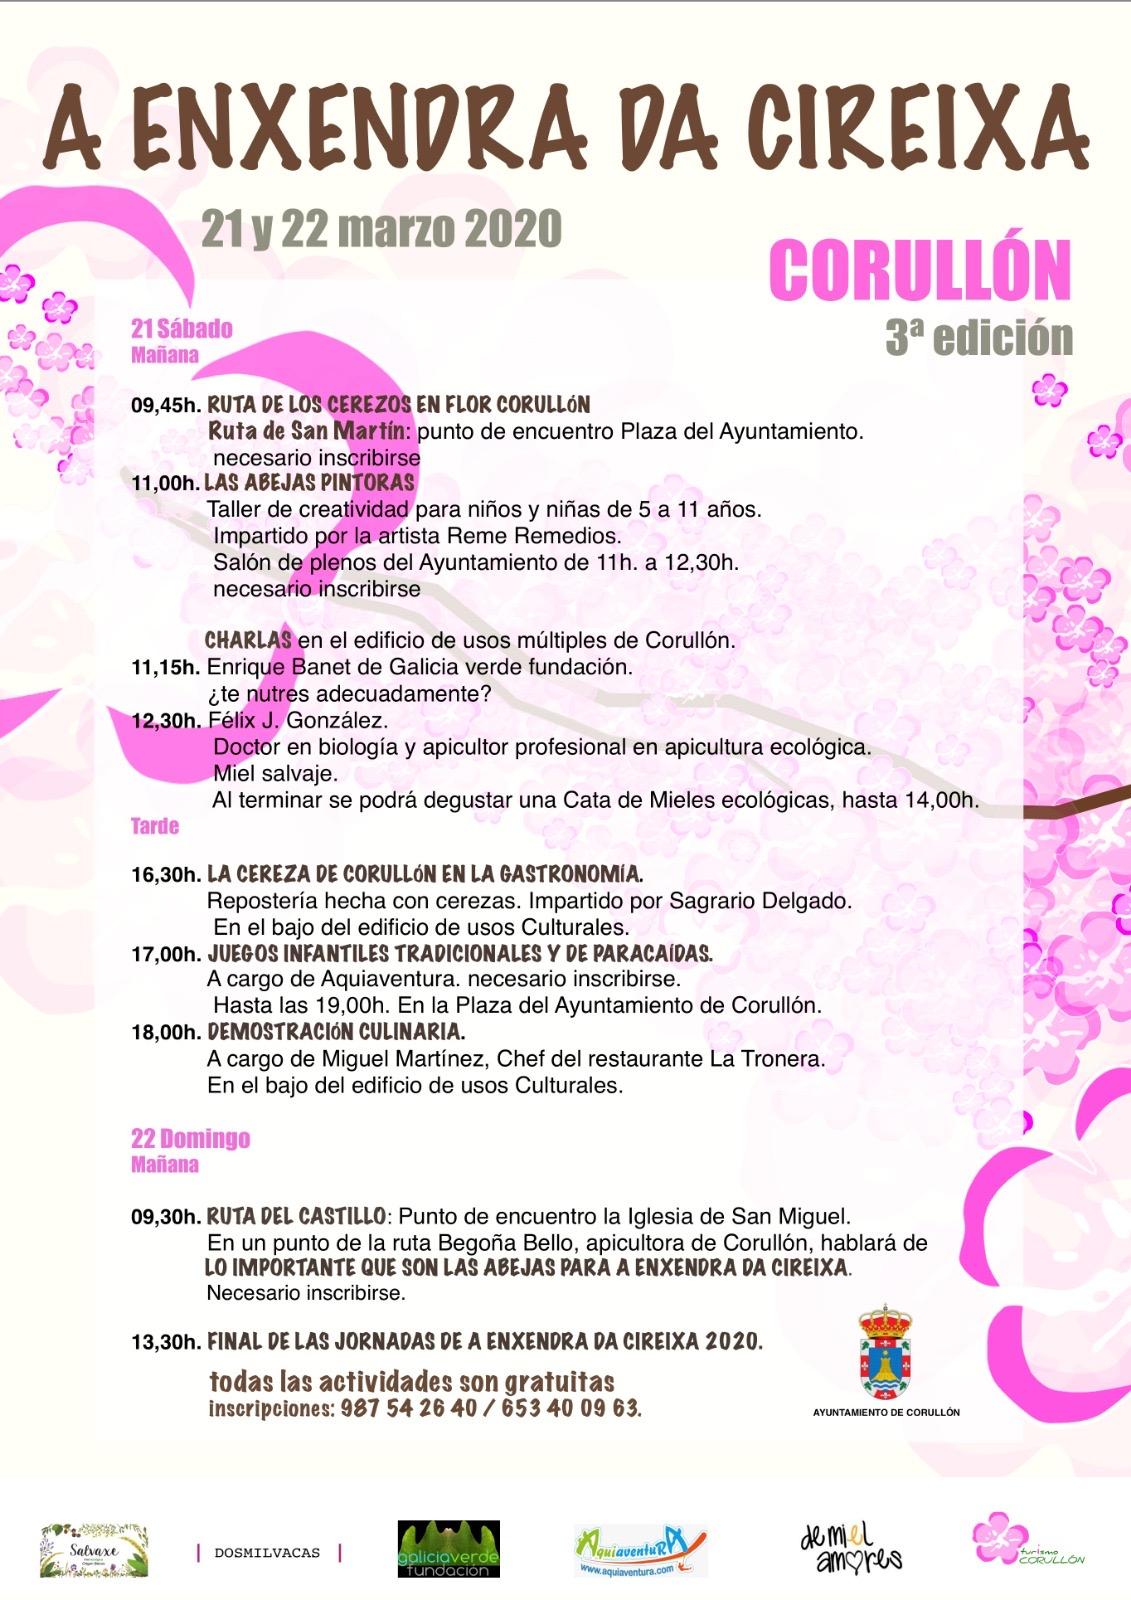 Llega la 3ª edición de 'A ENXENDRA DA CIREIXA' a Corullón 2